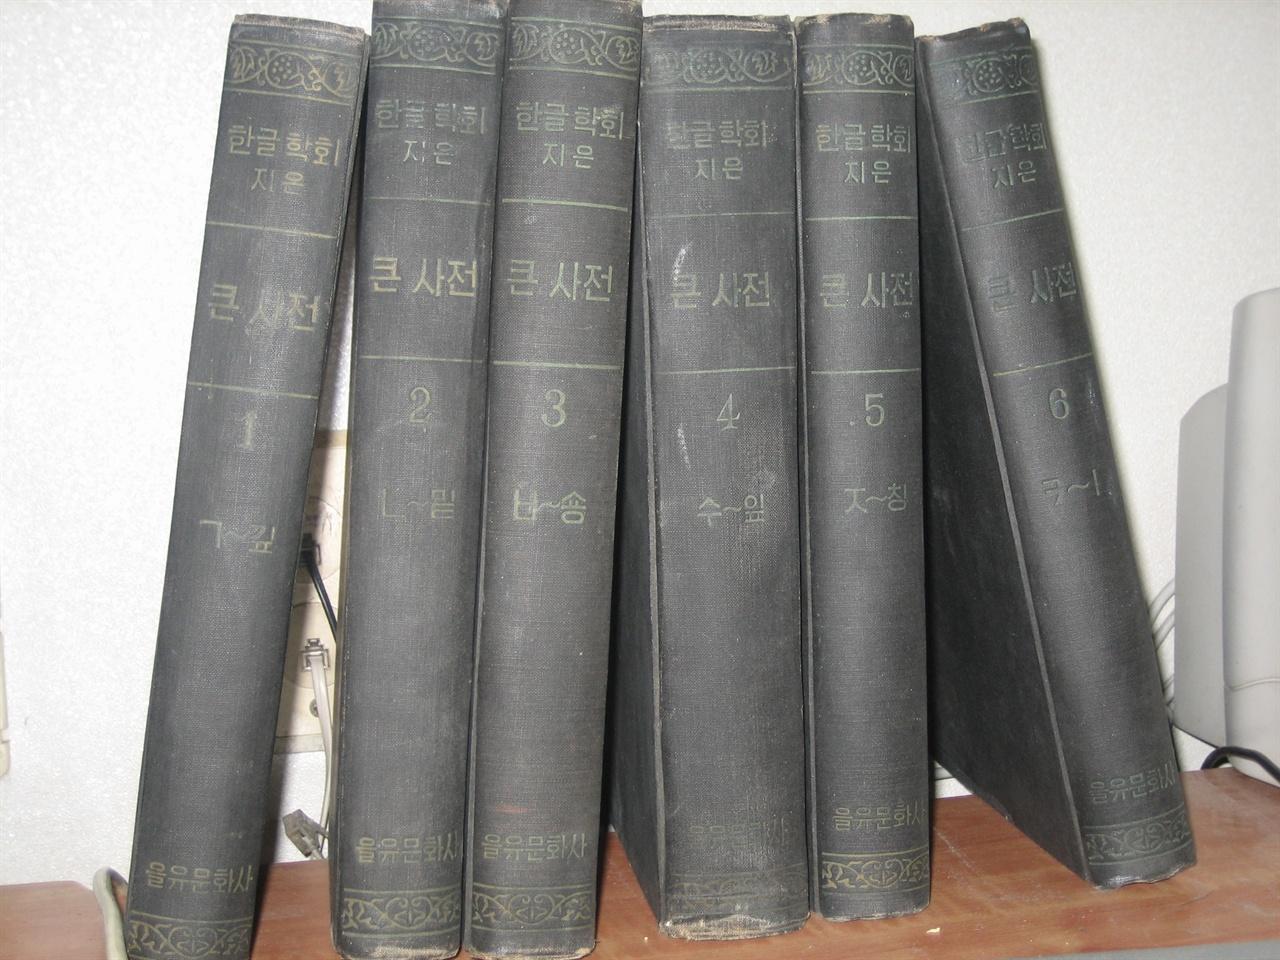 <조선말 큰사전>6권(1947∼1957)의 모습 조선말 큰사전